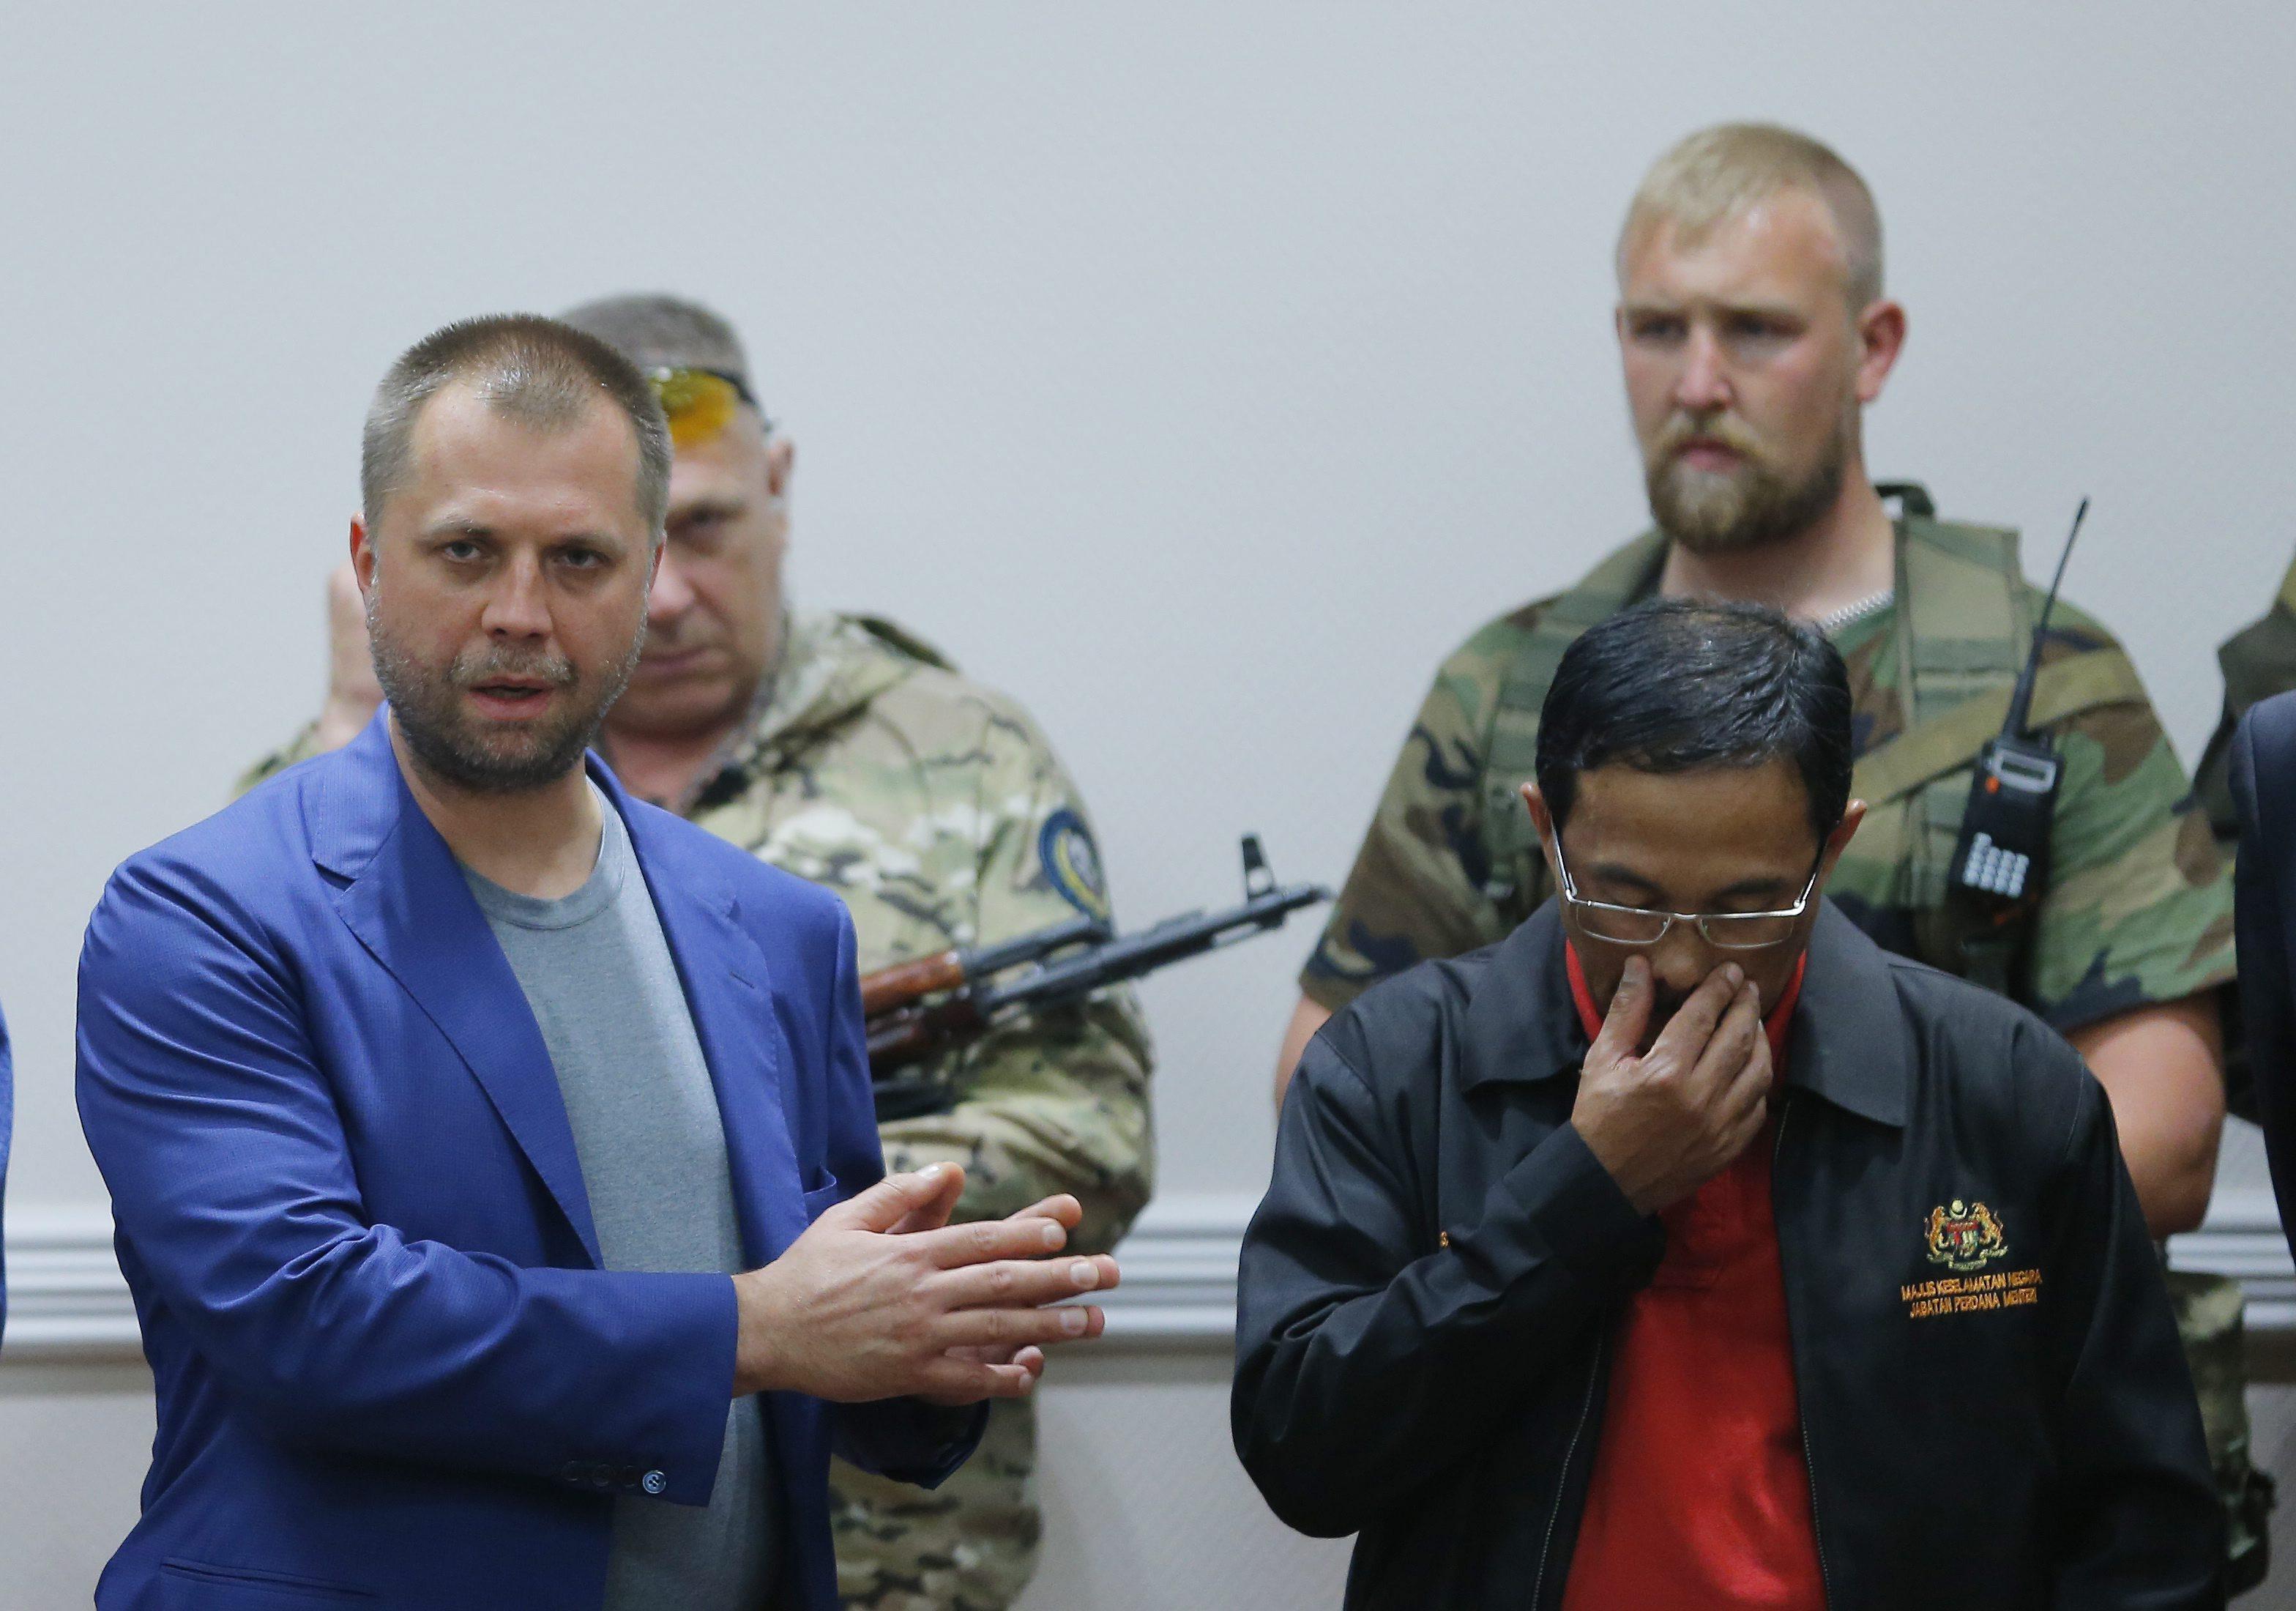 Odevzdáním černých skříněk rebelové zřejmě pomohli Rusku